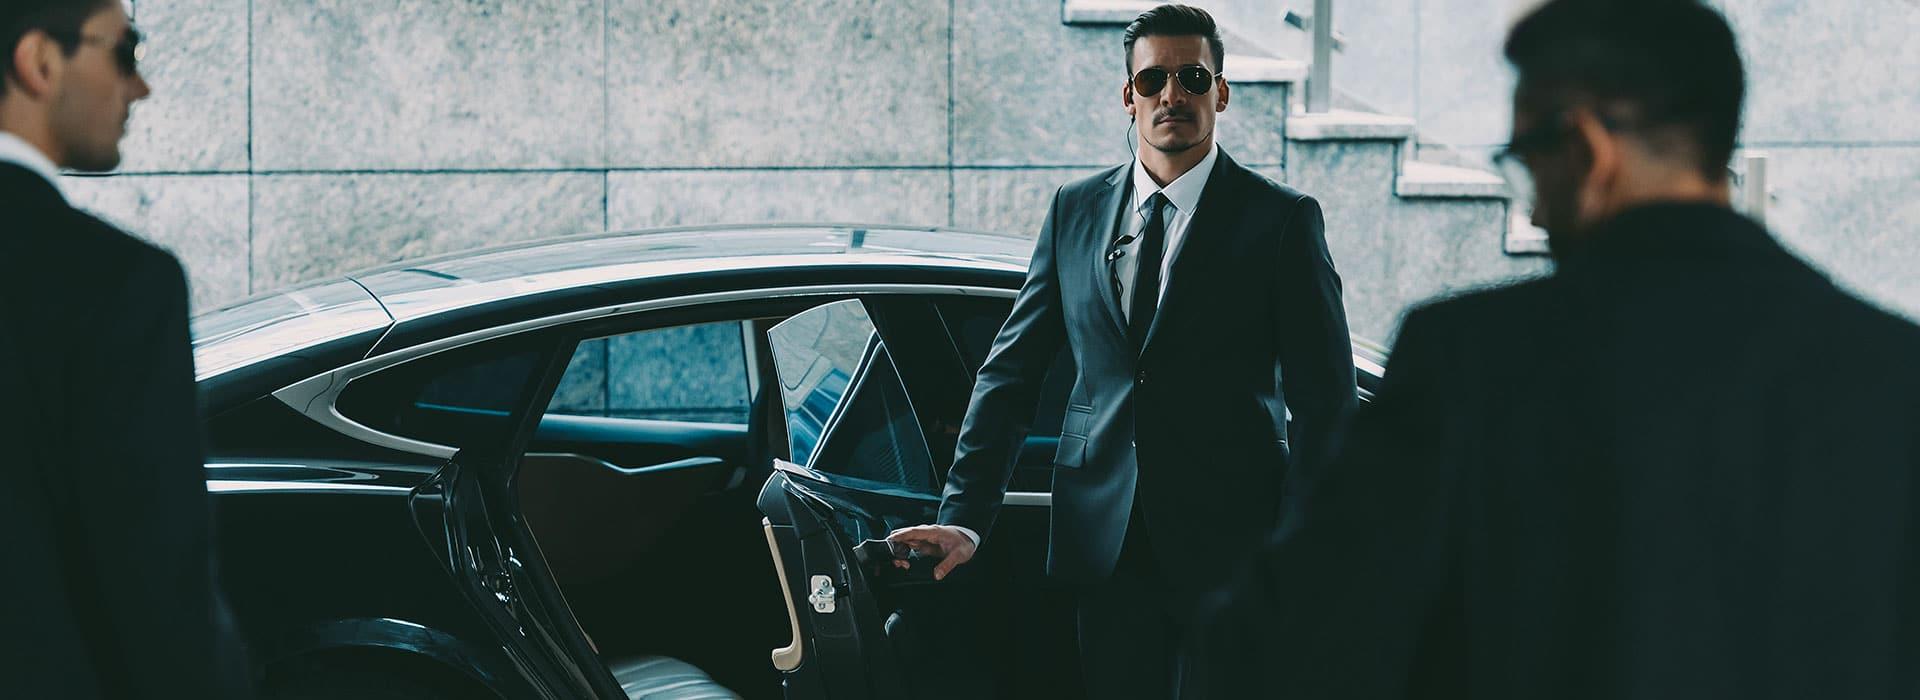 secure chauffeur service kingdom limousine 2  